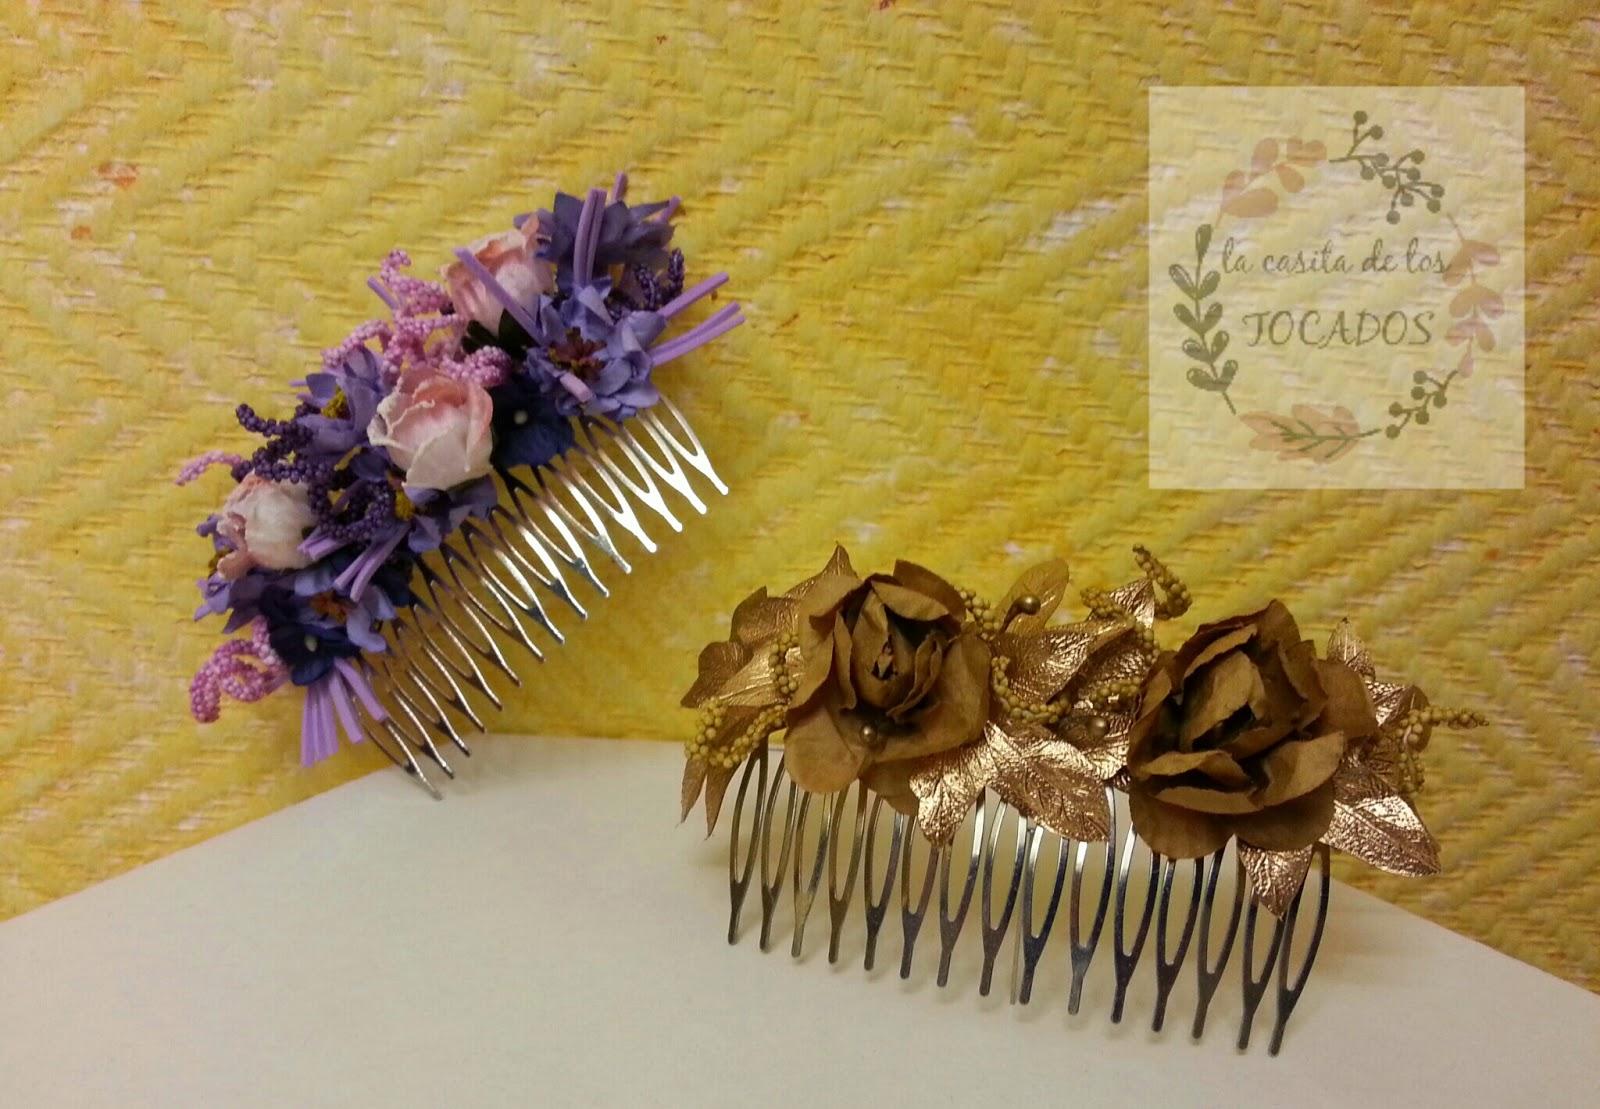 peinetas decoradas con florecillas en colores y formas variadas para utilizar como adorno del pelo para boda en especial para recogidos y moños